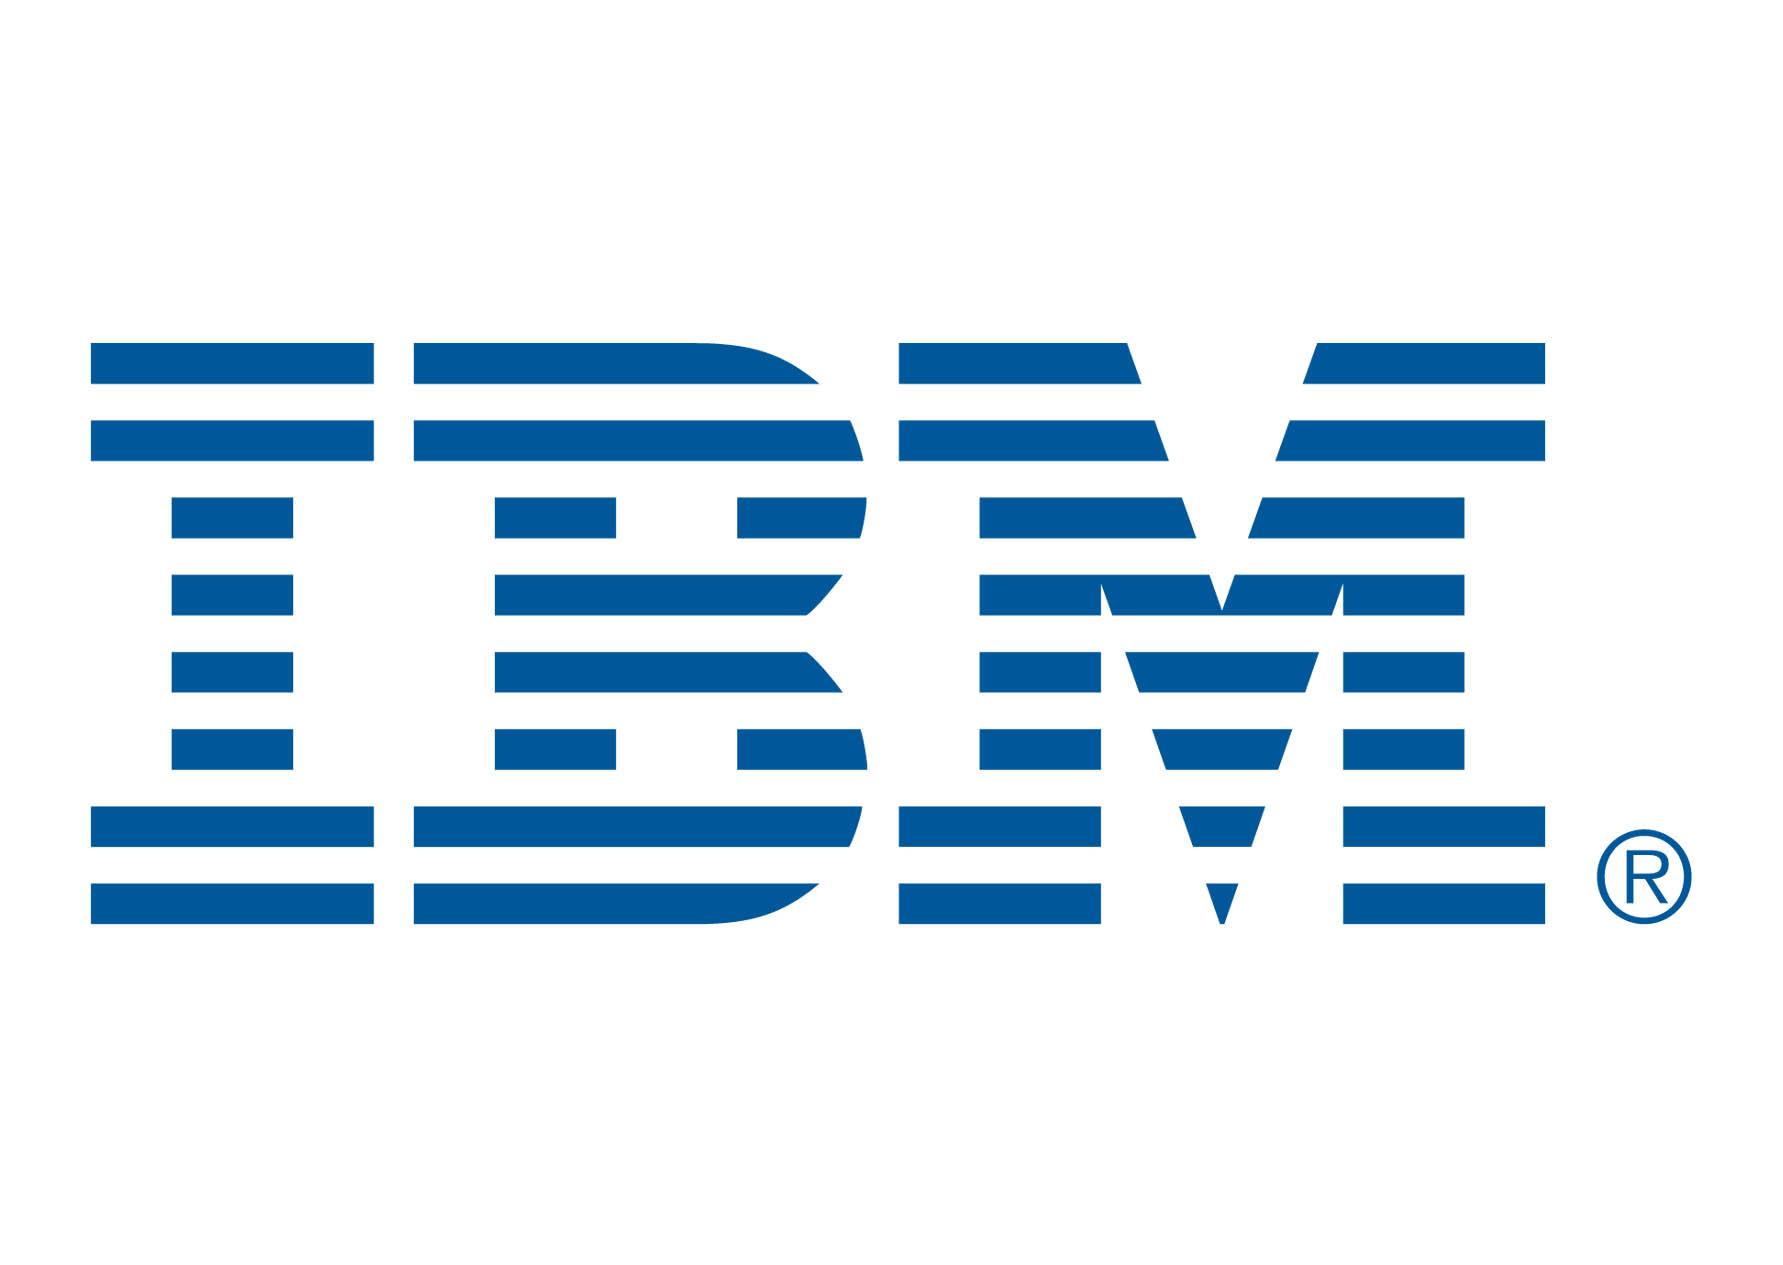 ibm-logo-3.jpg